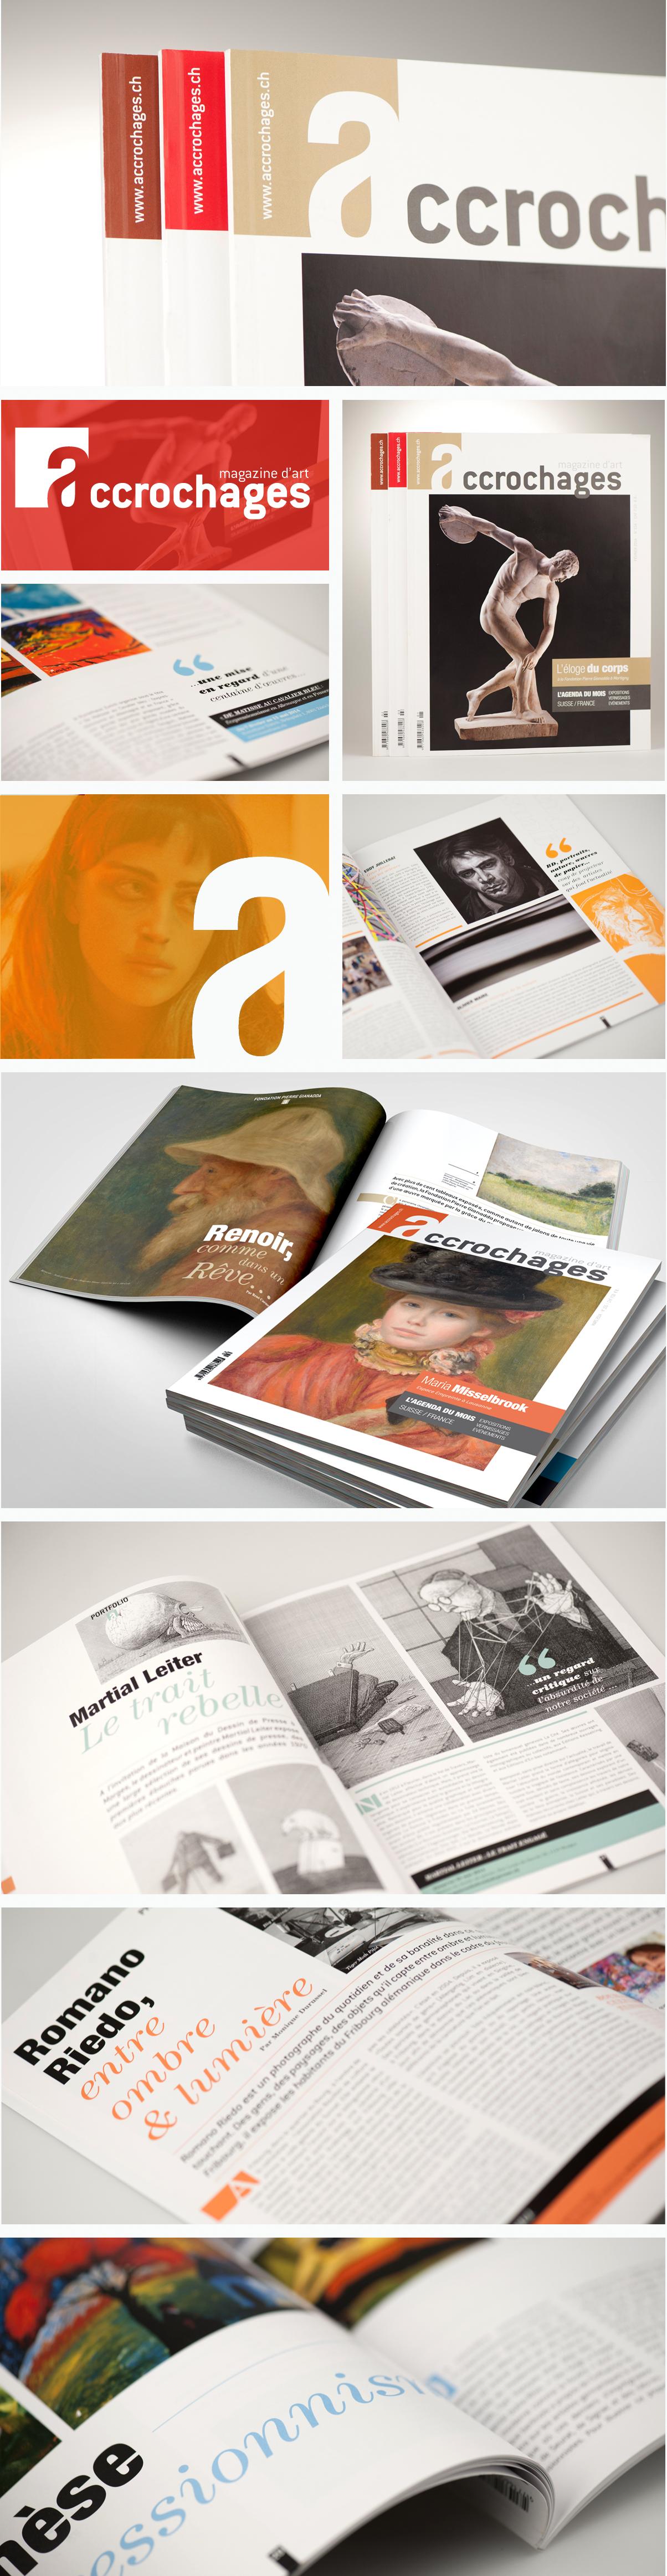 Agence Communication magazine Accrochages logotype